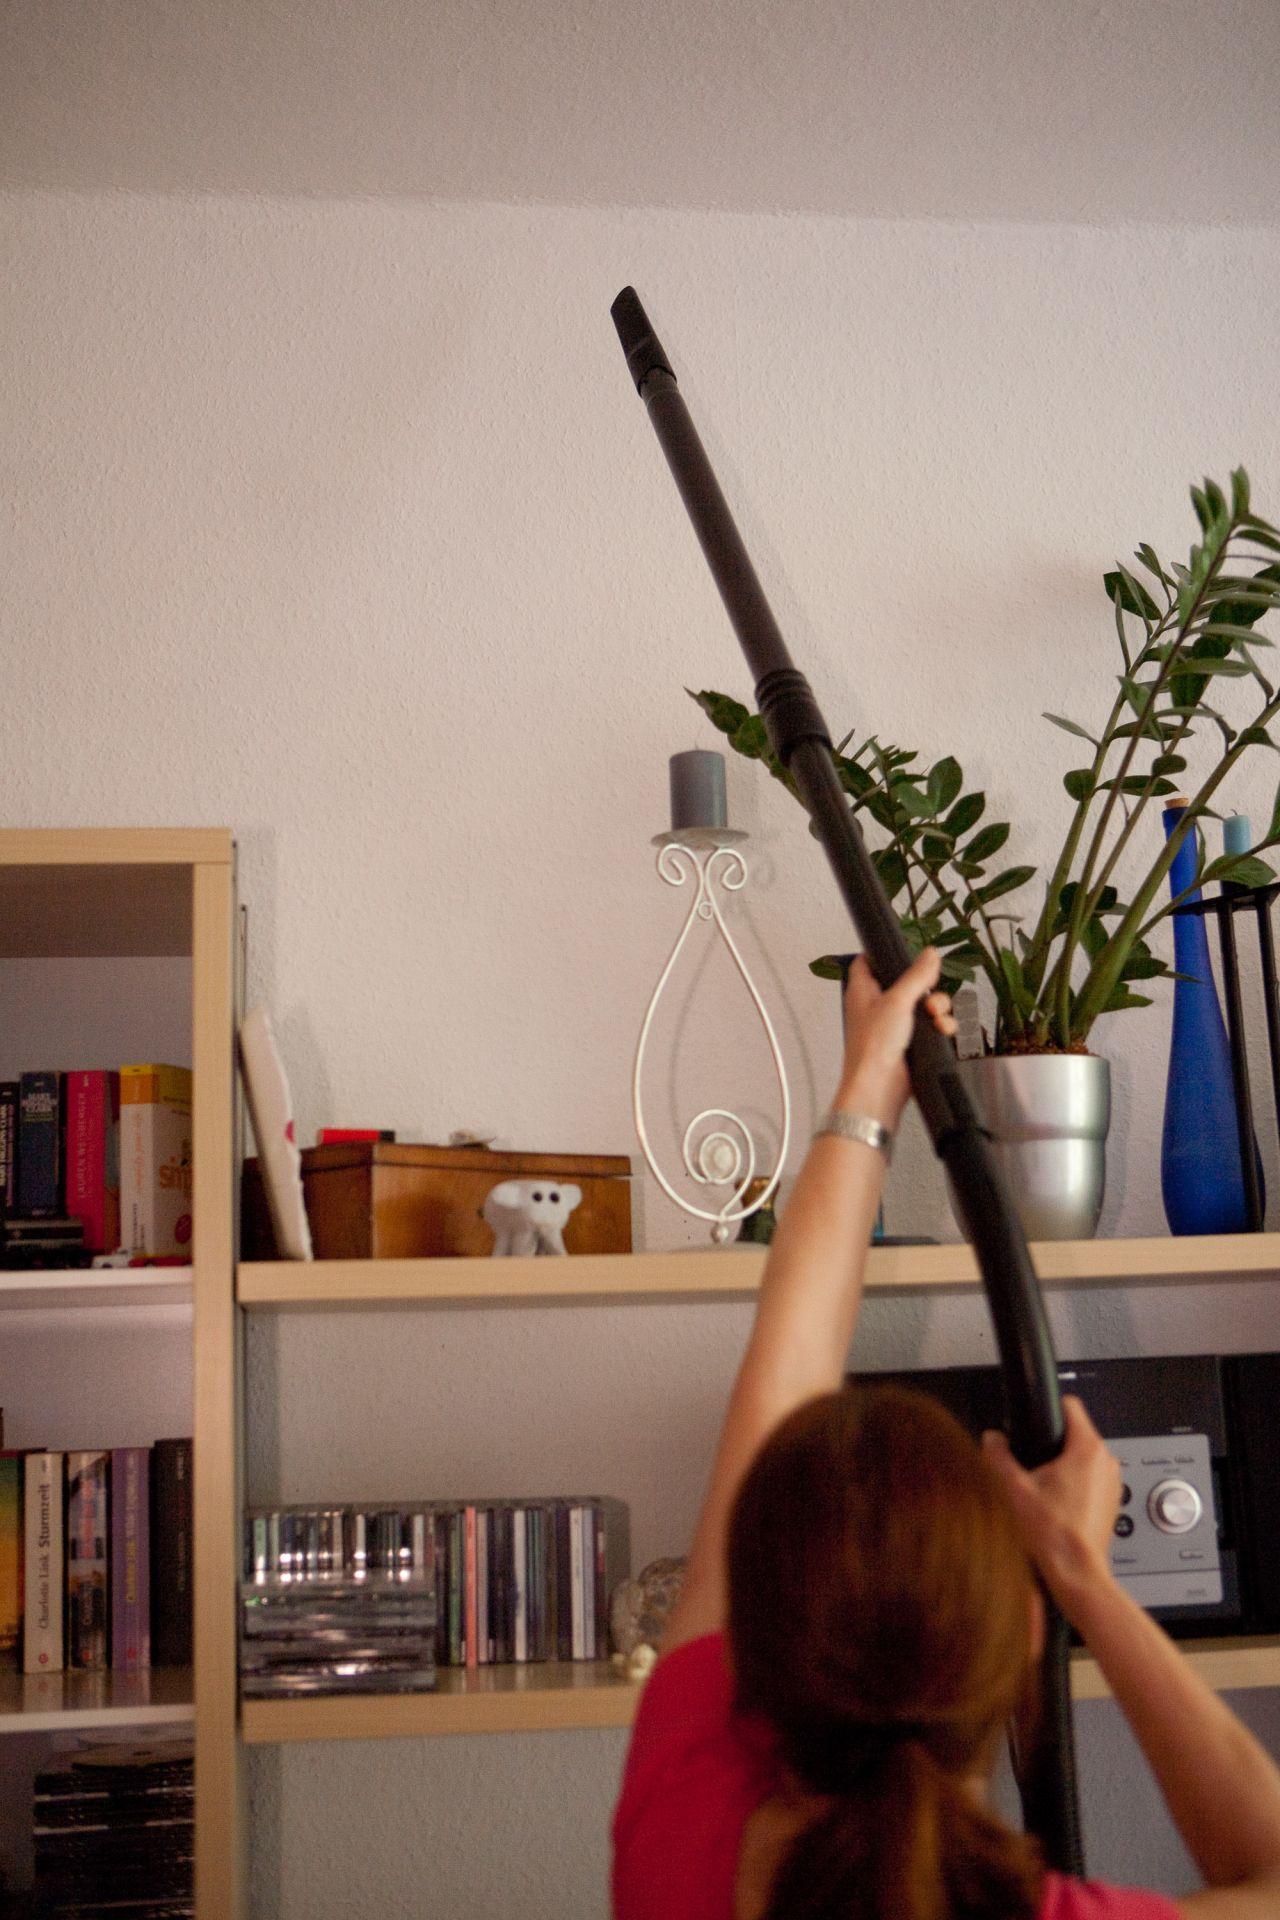 Frau fängt Spinne mit dem Staubsauger